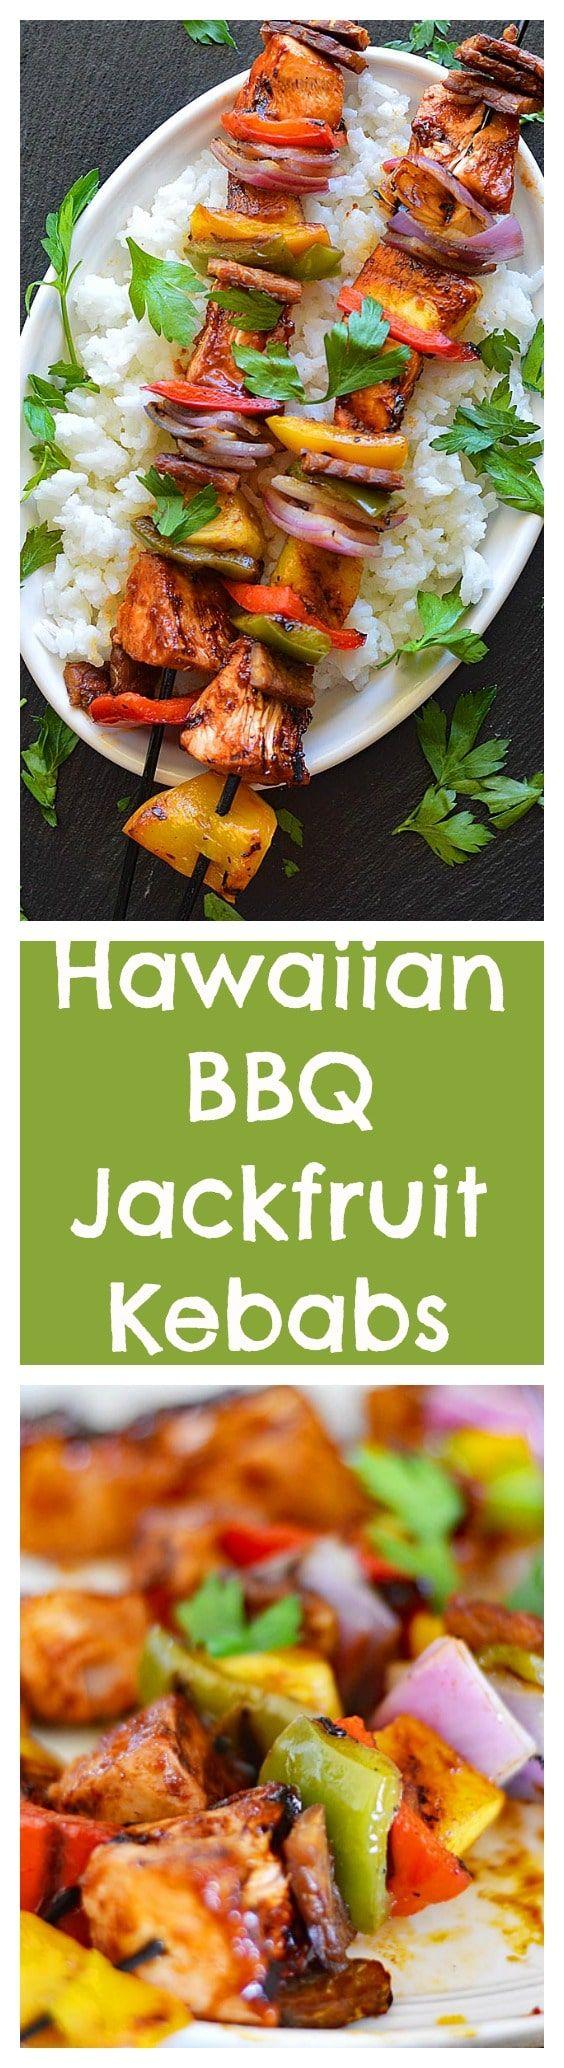 Hawaiian Jackfruit Pineapple Kebabs